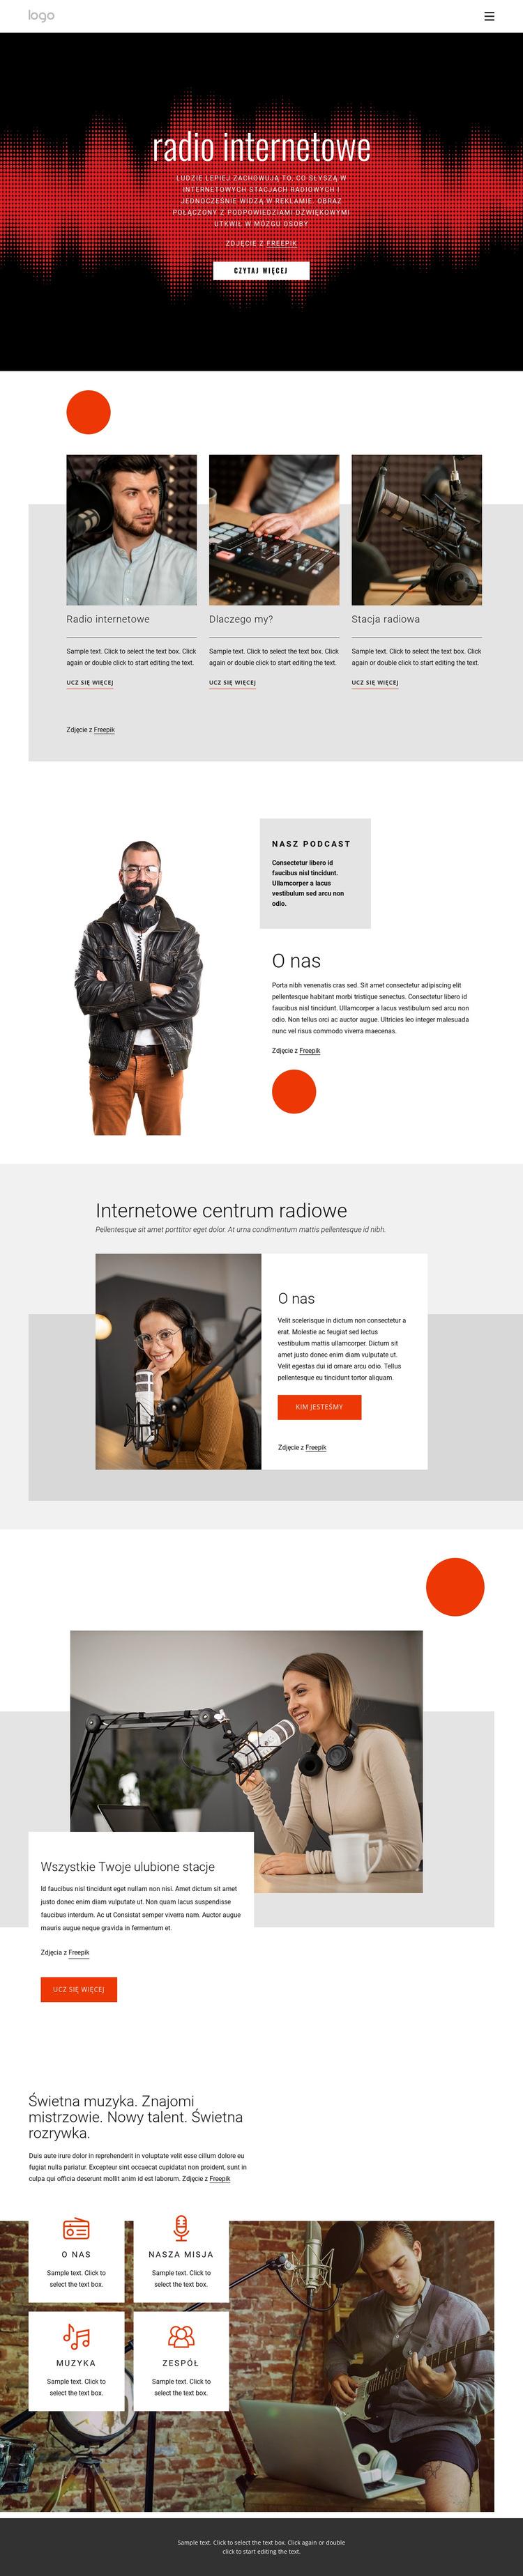 Programy radiowe online Szablon witryny sieci Web